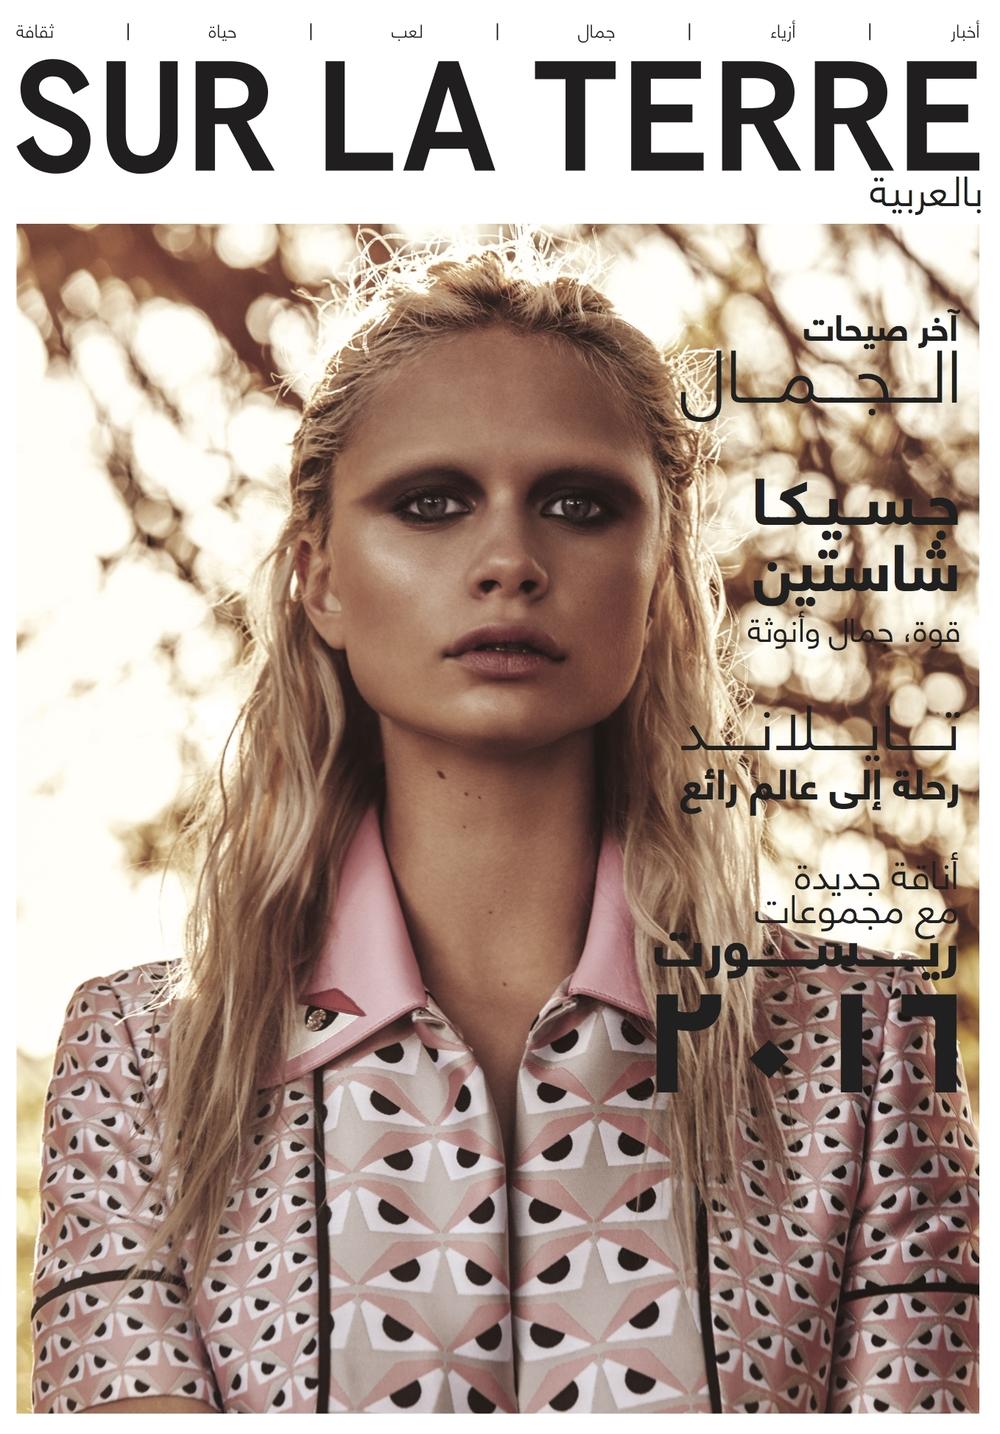 Slt Arabic #2 Cover.jpg